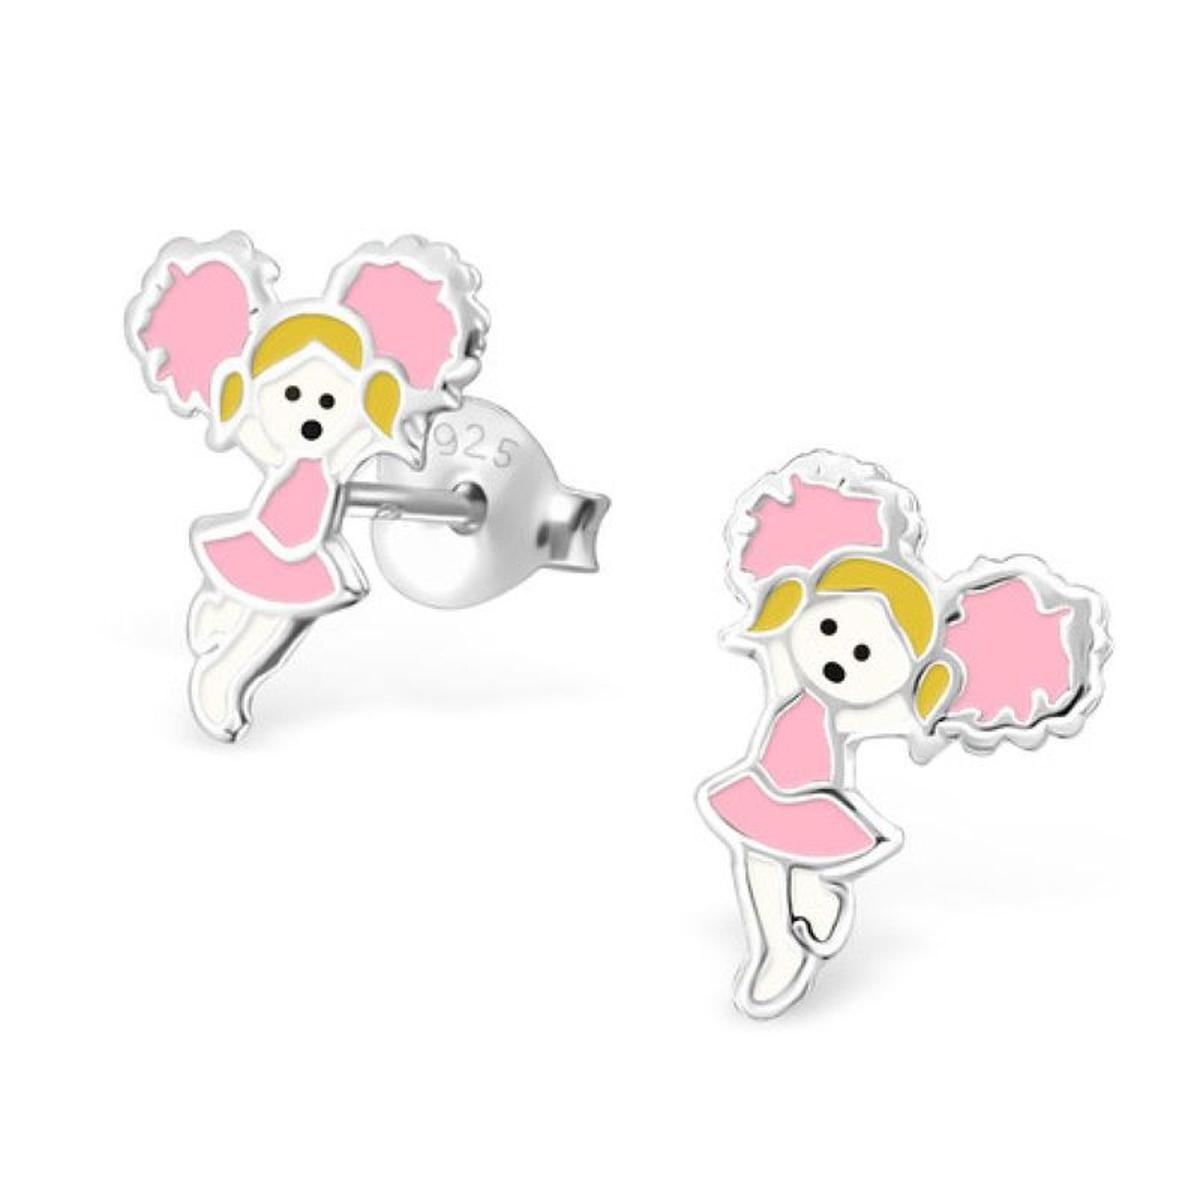 Boucles d'oreilles Majorette Pompon Sports Américain Pompom Girl Défilé Fanfare Rose Jaune Blanc Argent 925